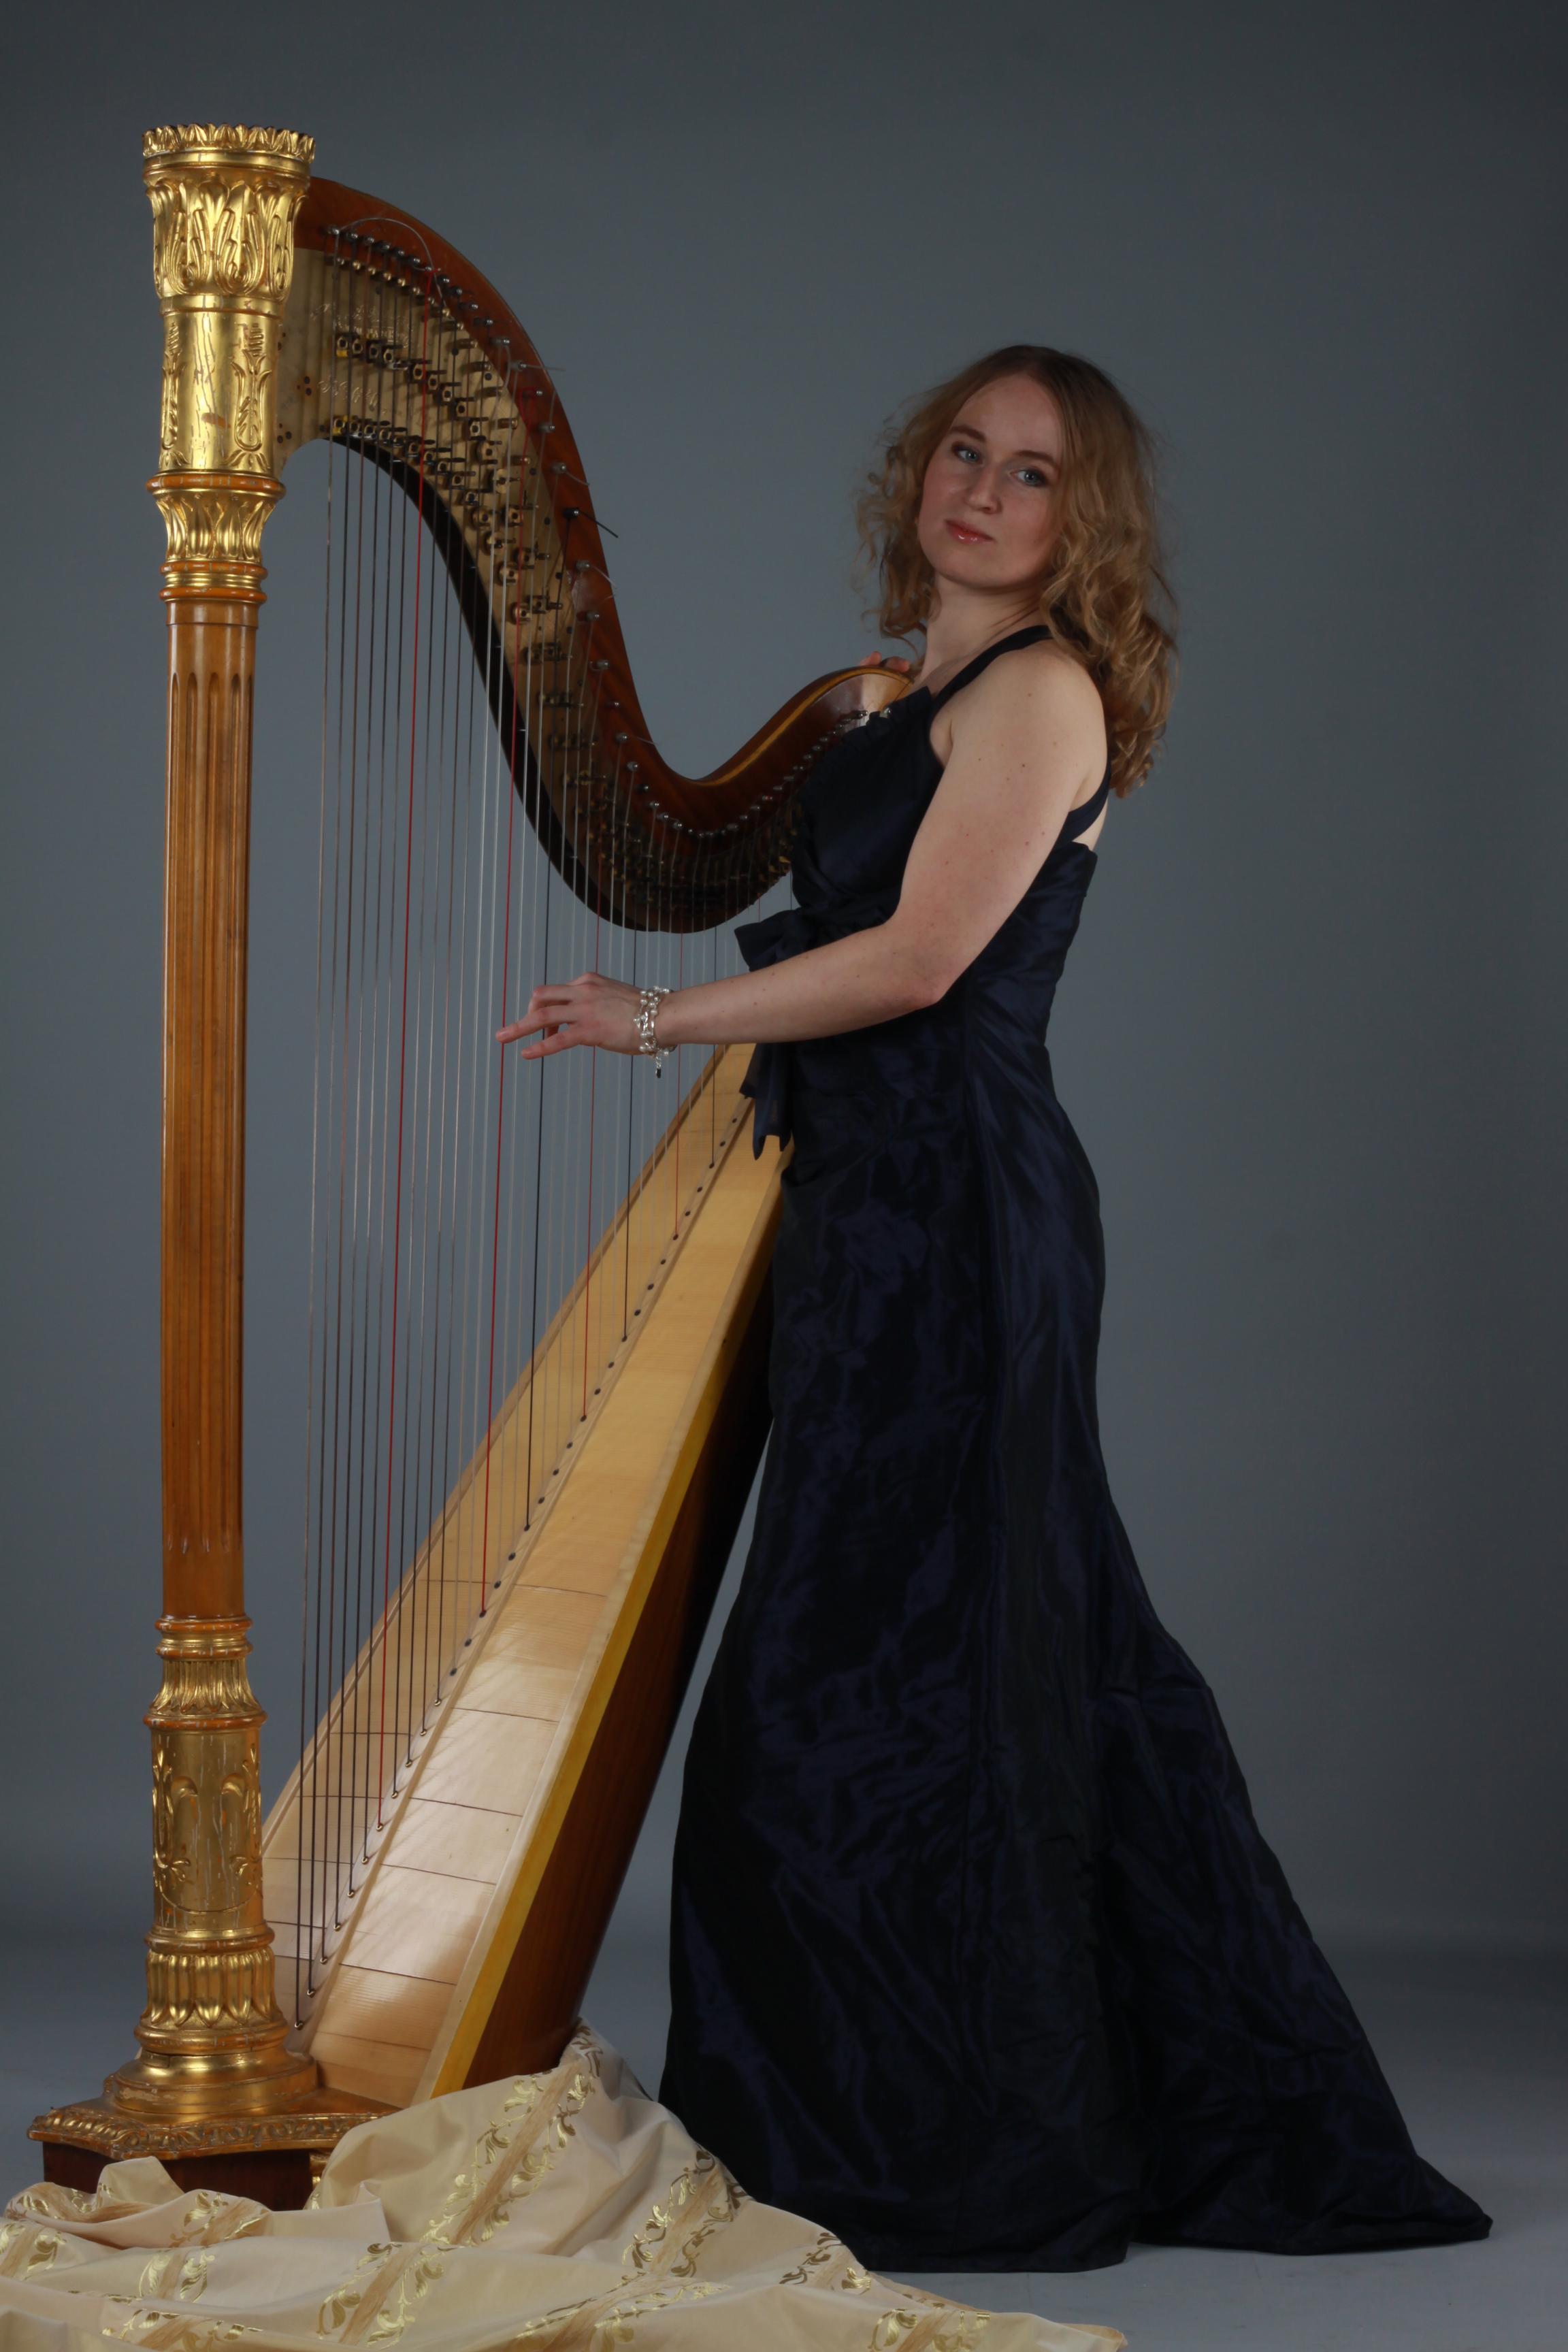 Real Harp Солистка Арфистка + Музыкальные коллективы с арфой!